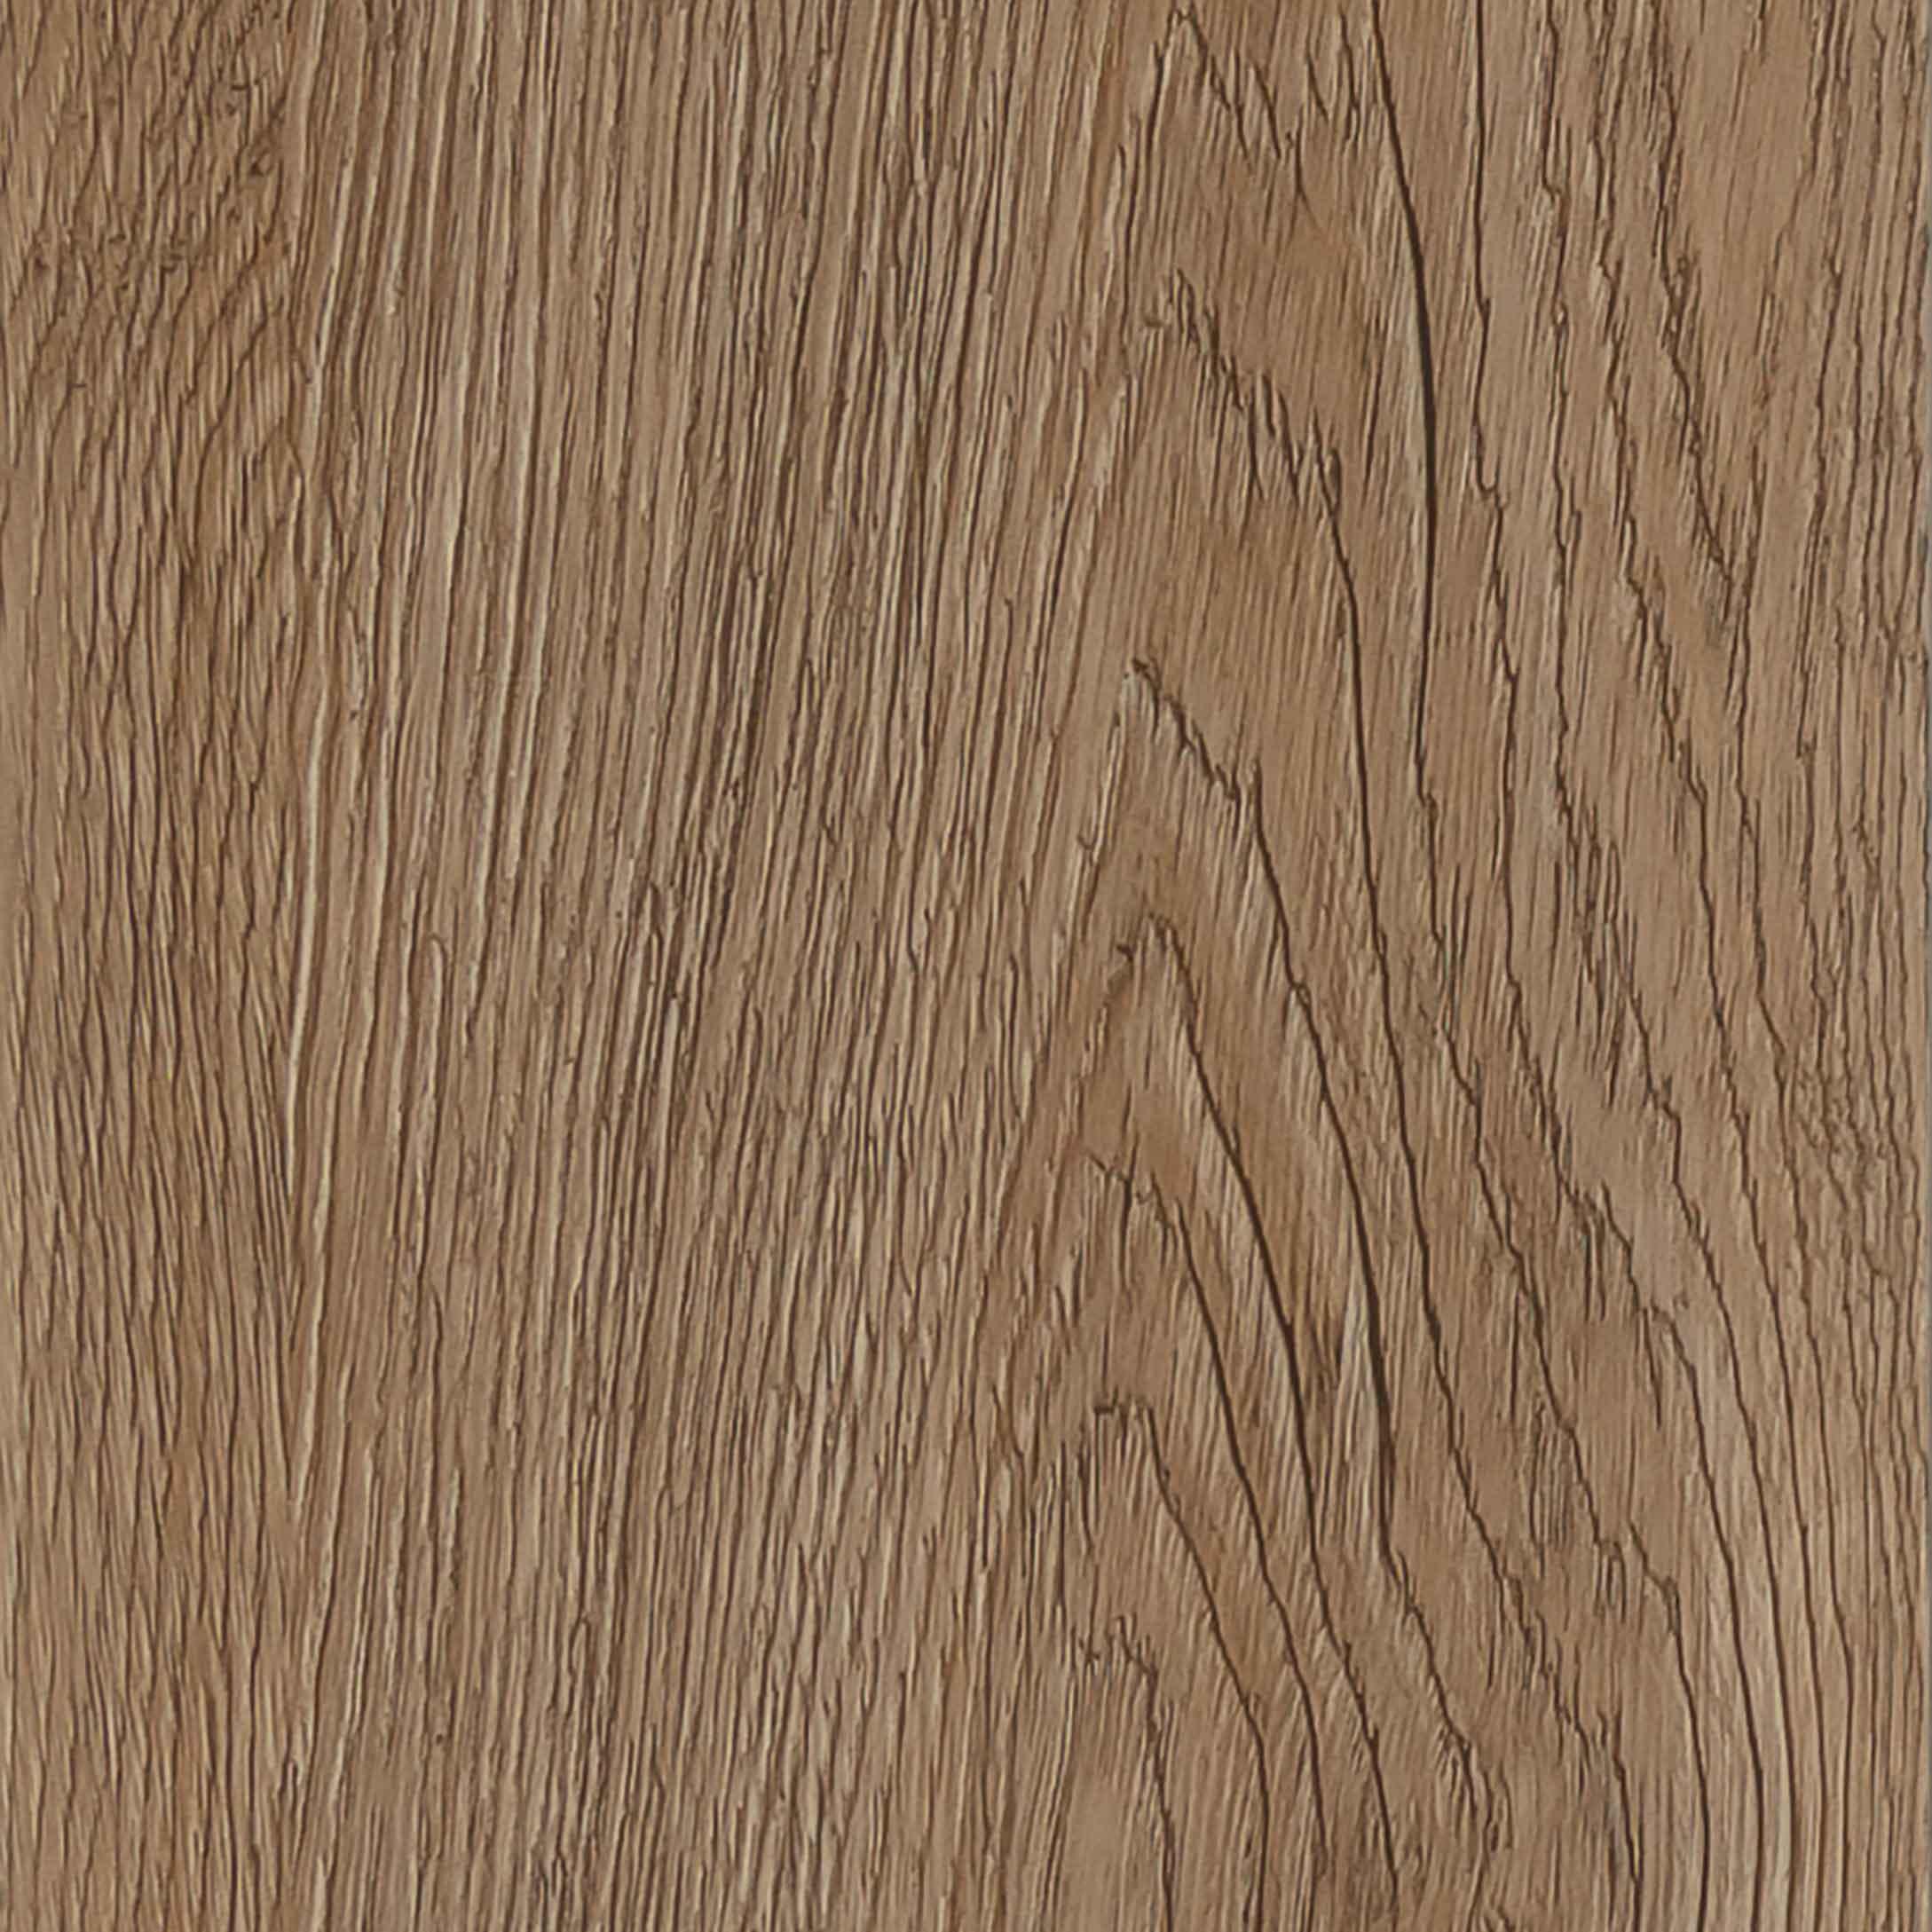 Authentic Rustic Oak 2865